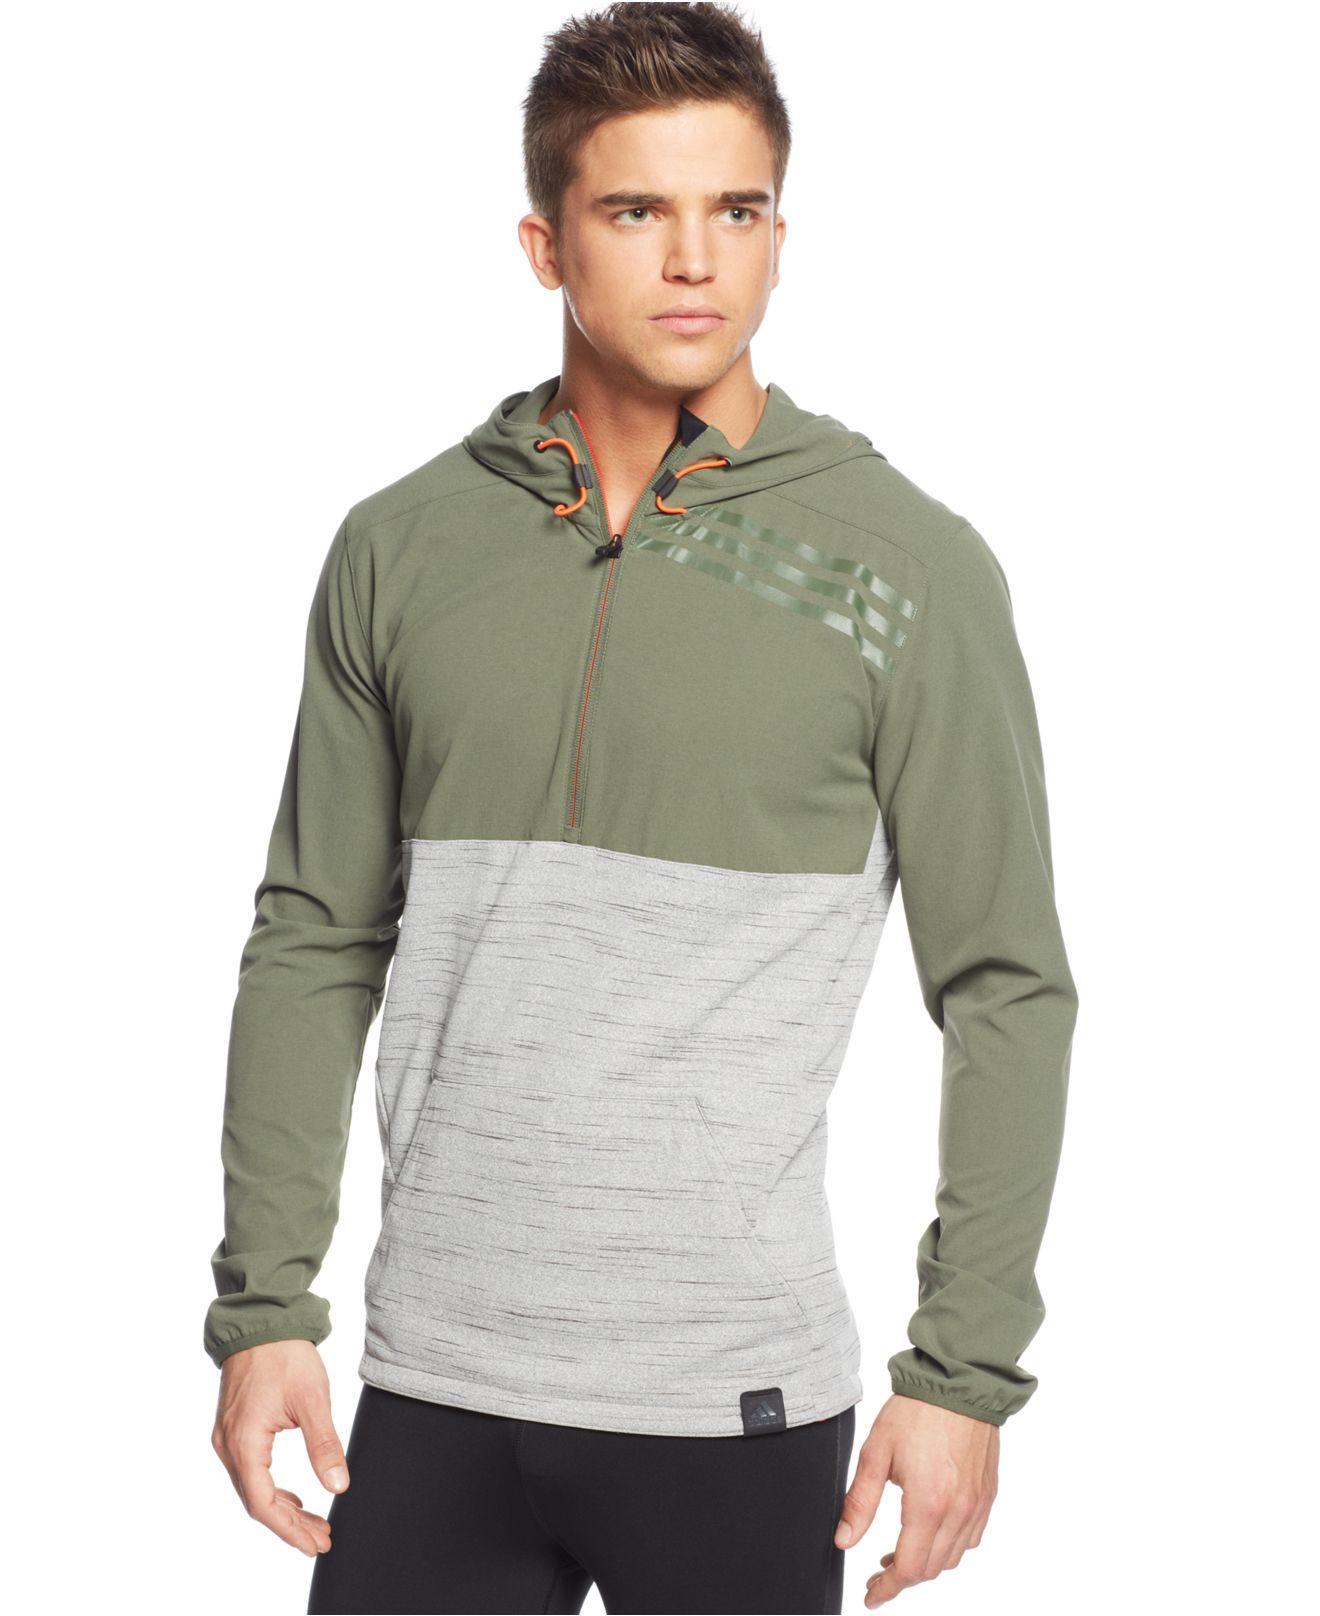 Half zip hoodies